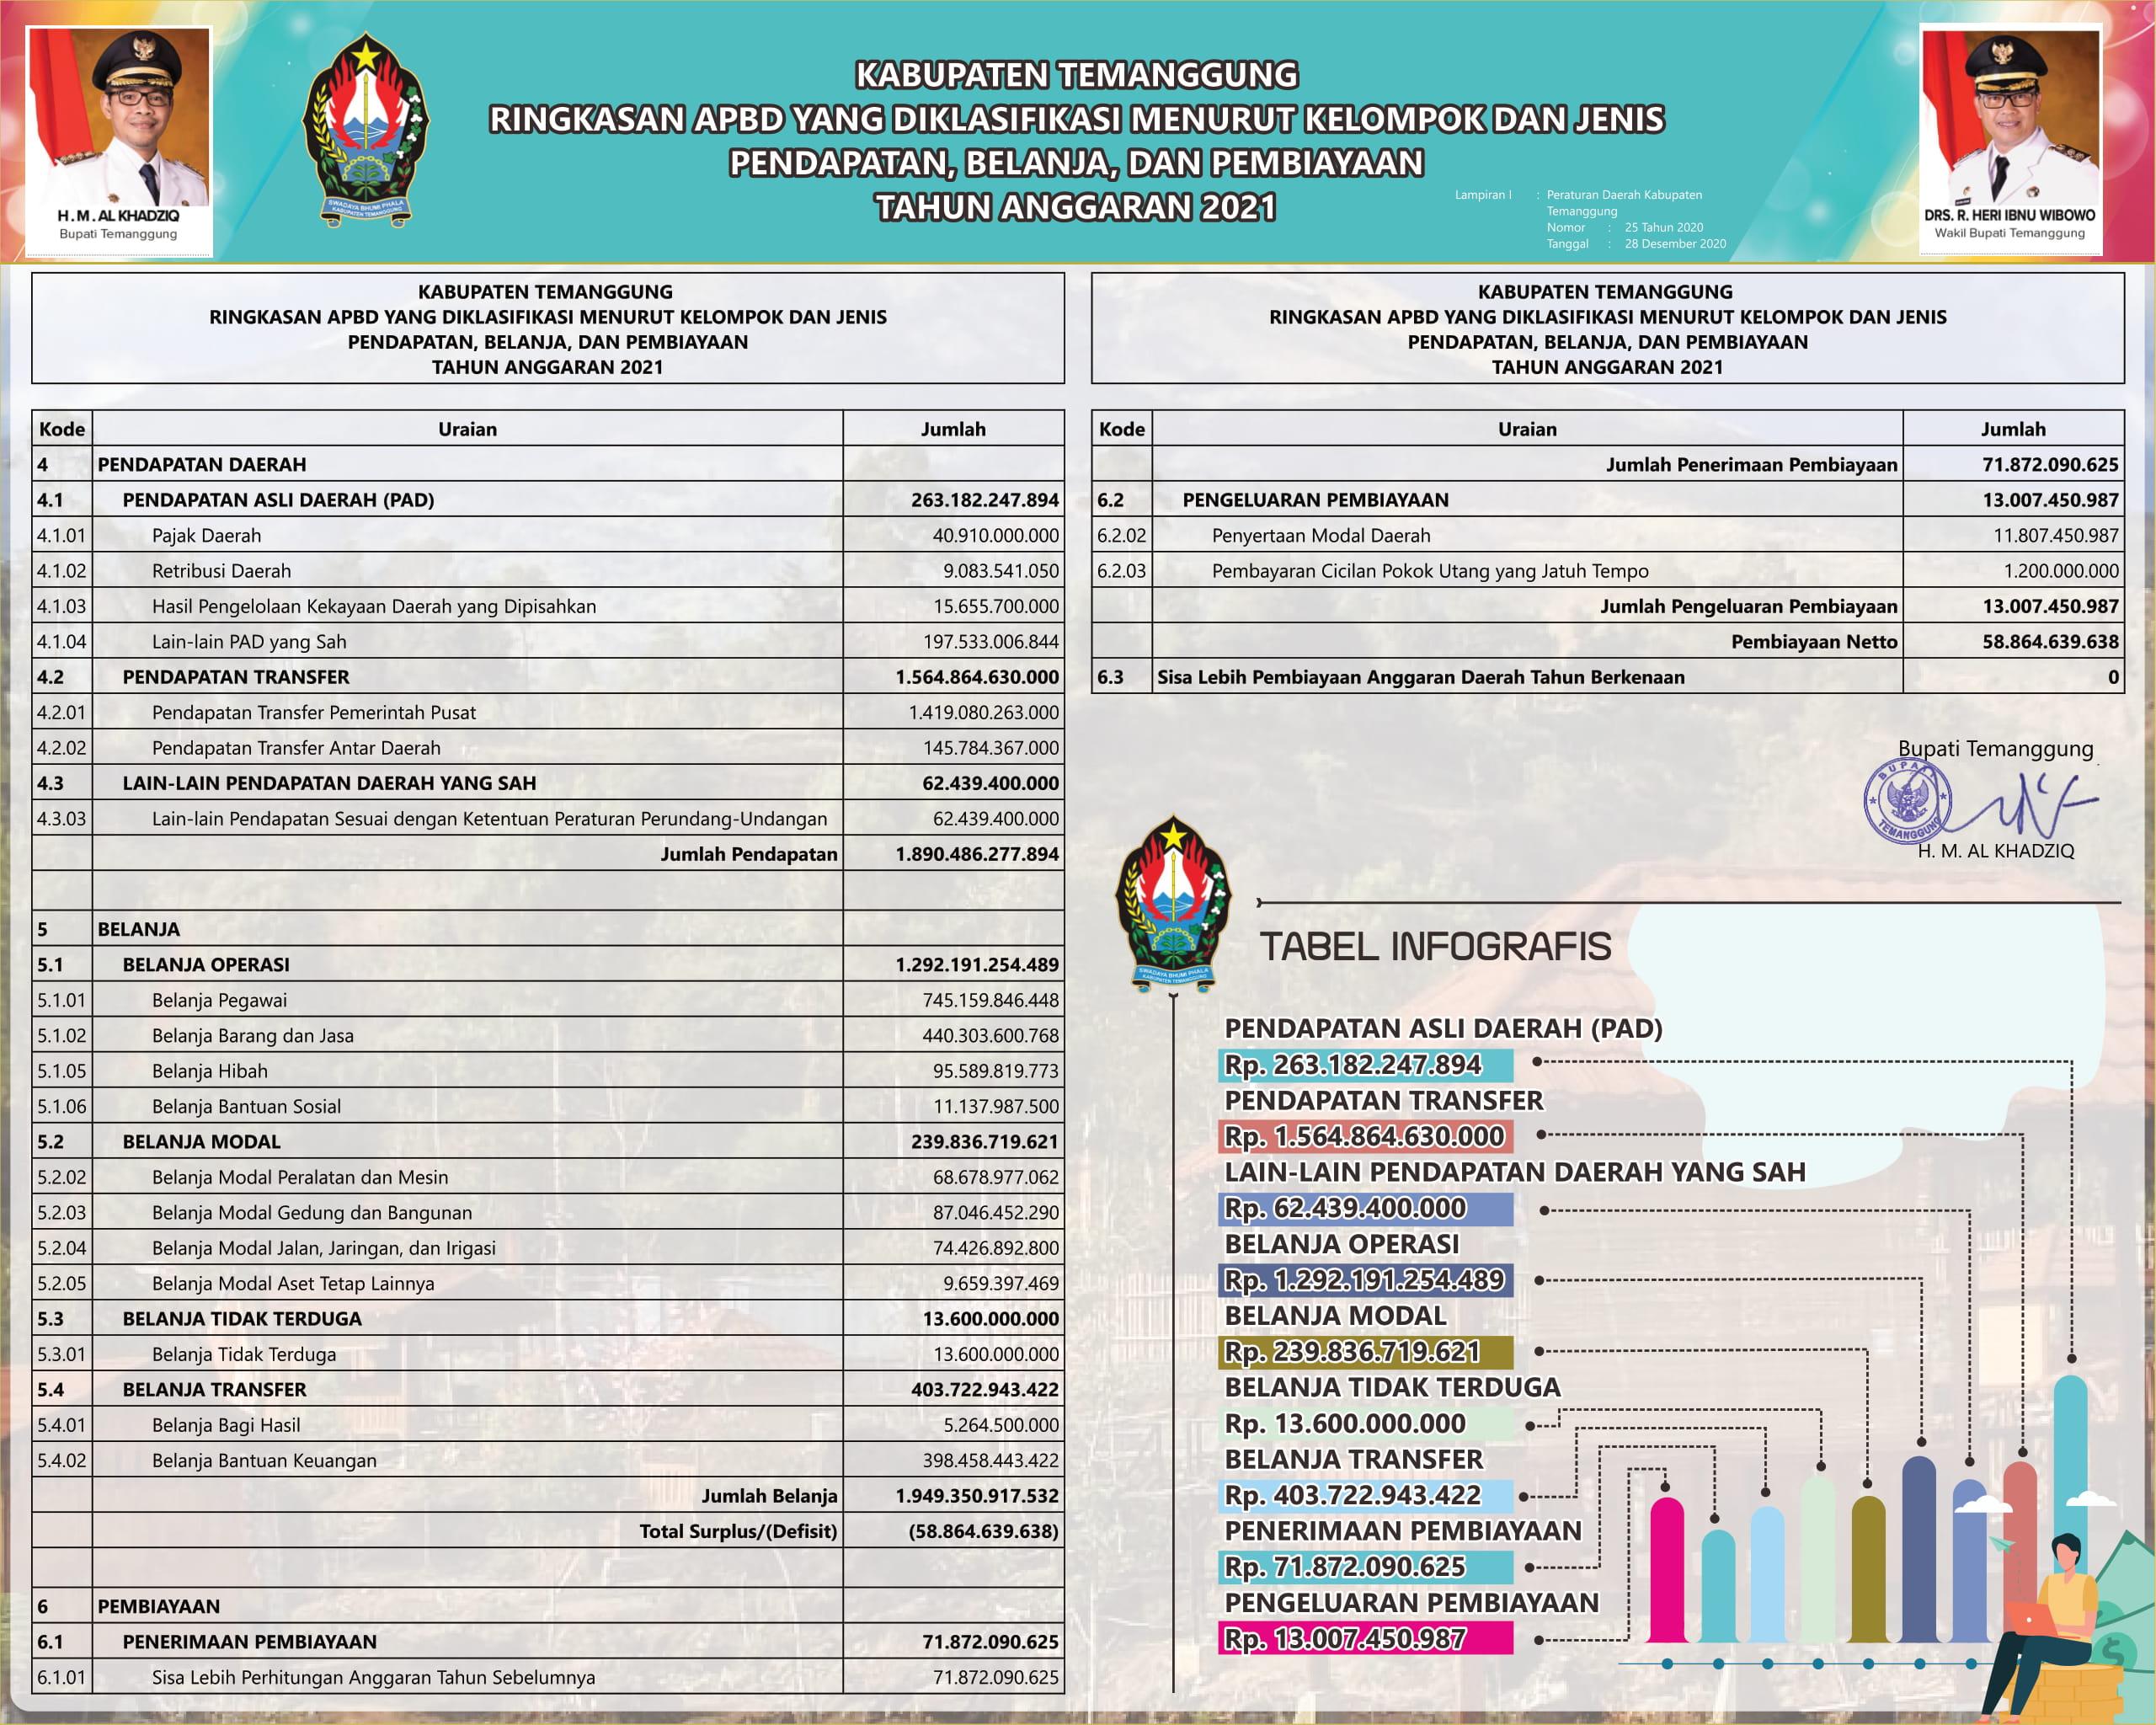 Ringkasan APBD Kabupaten Temanggung Tahun Anggaran 2021